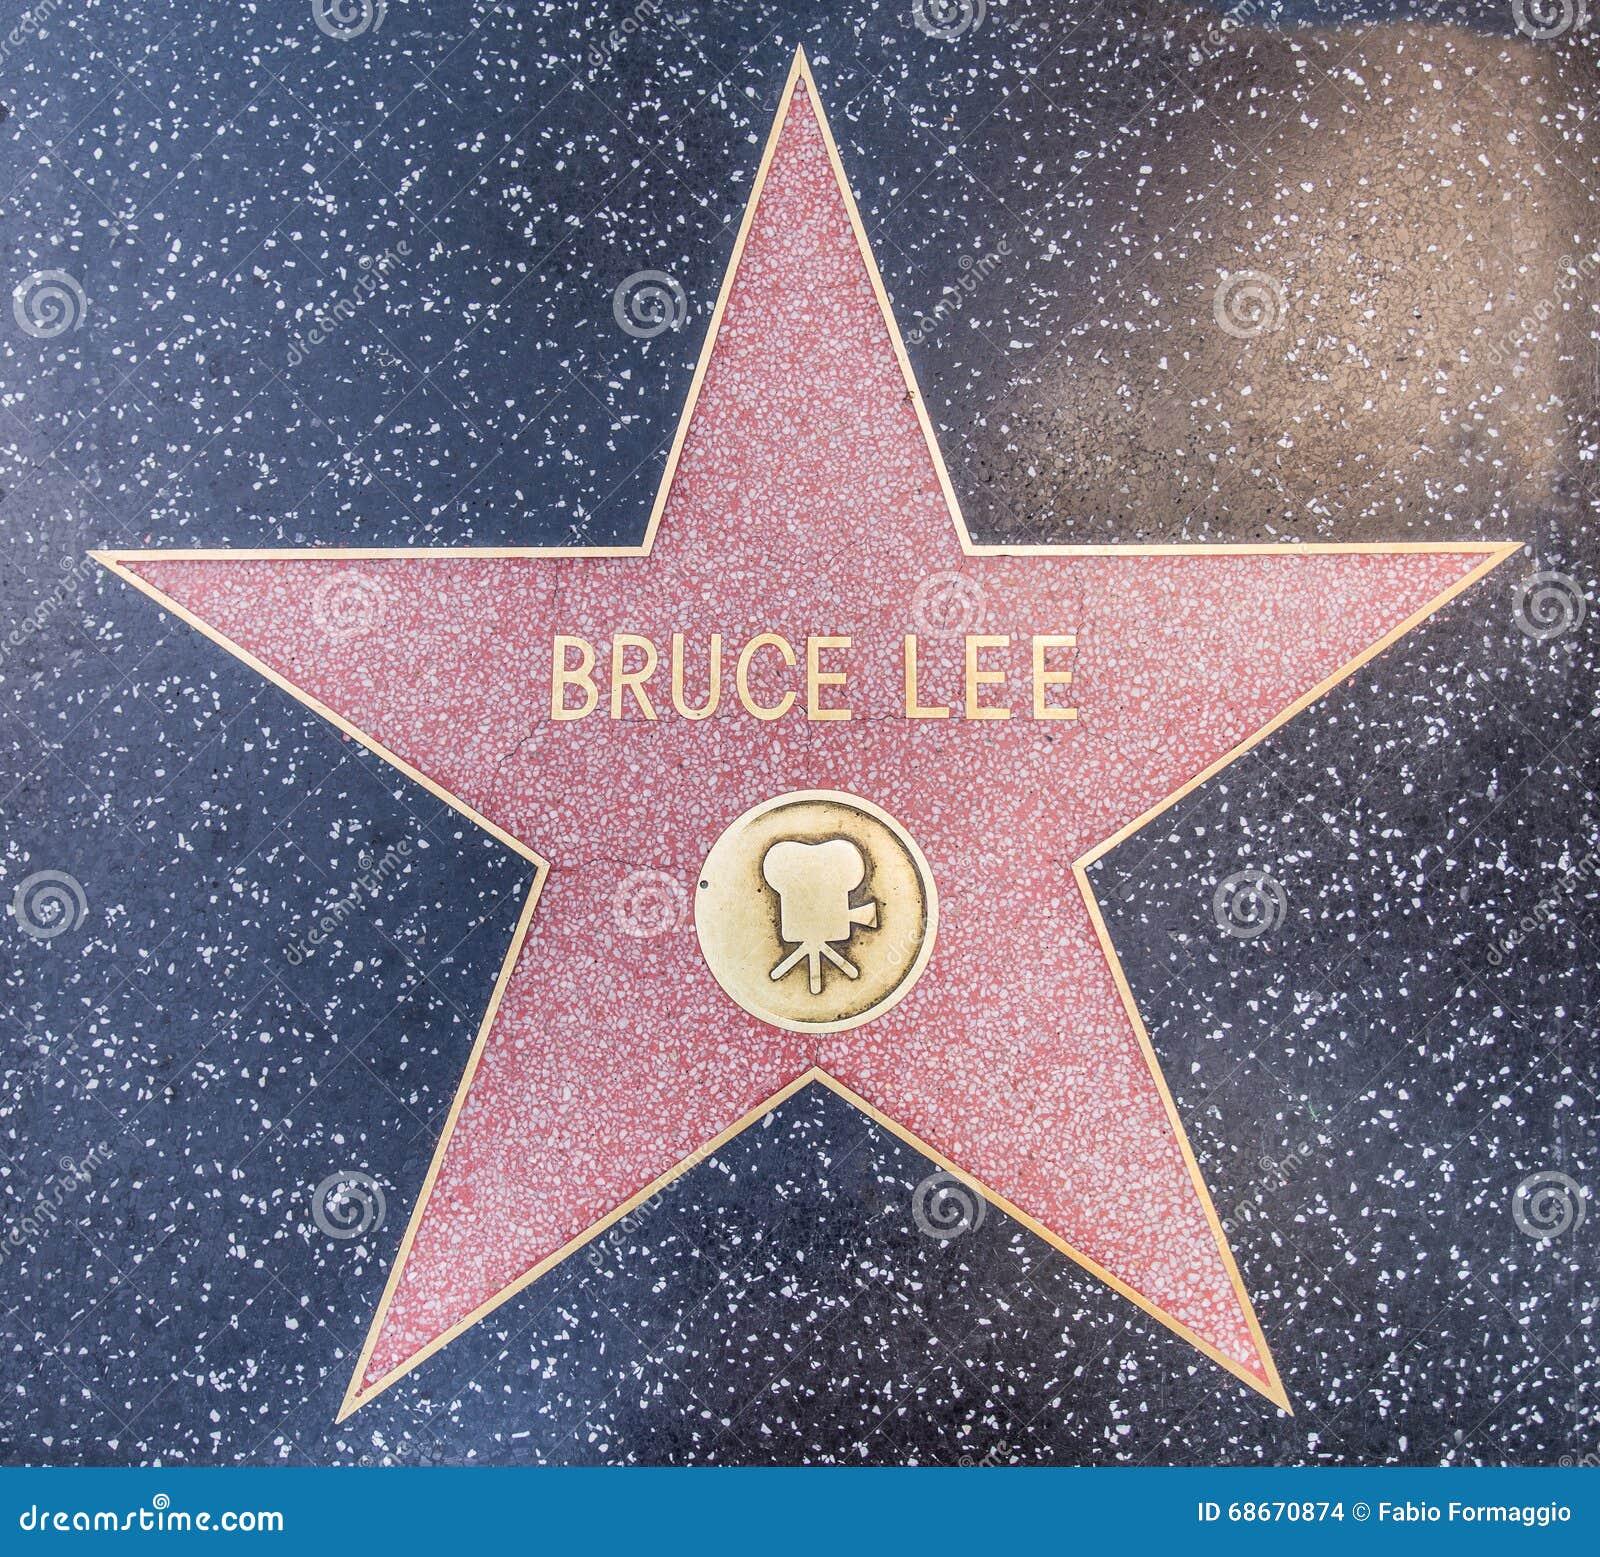 Estrela de Bruce Lee